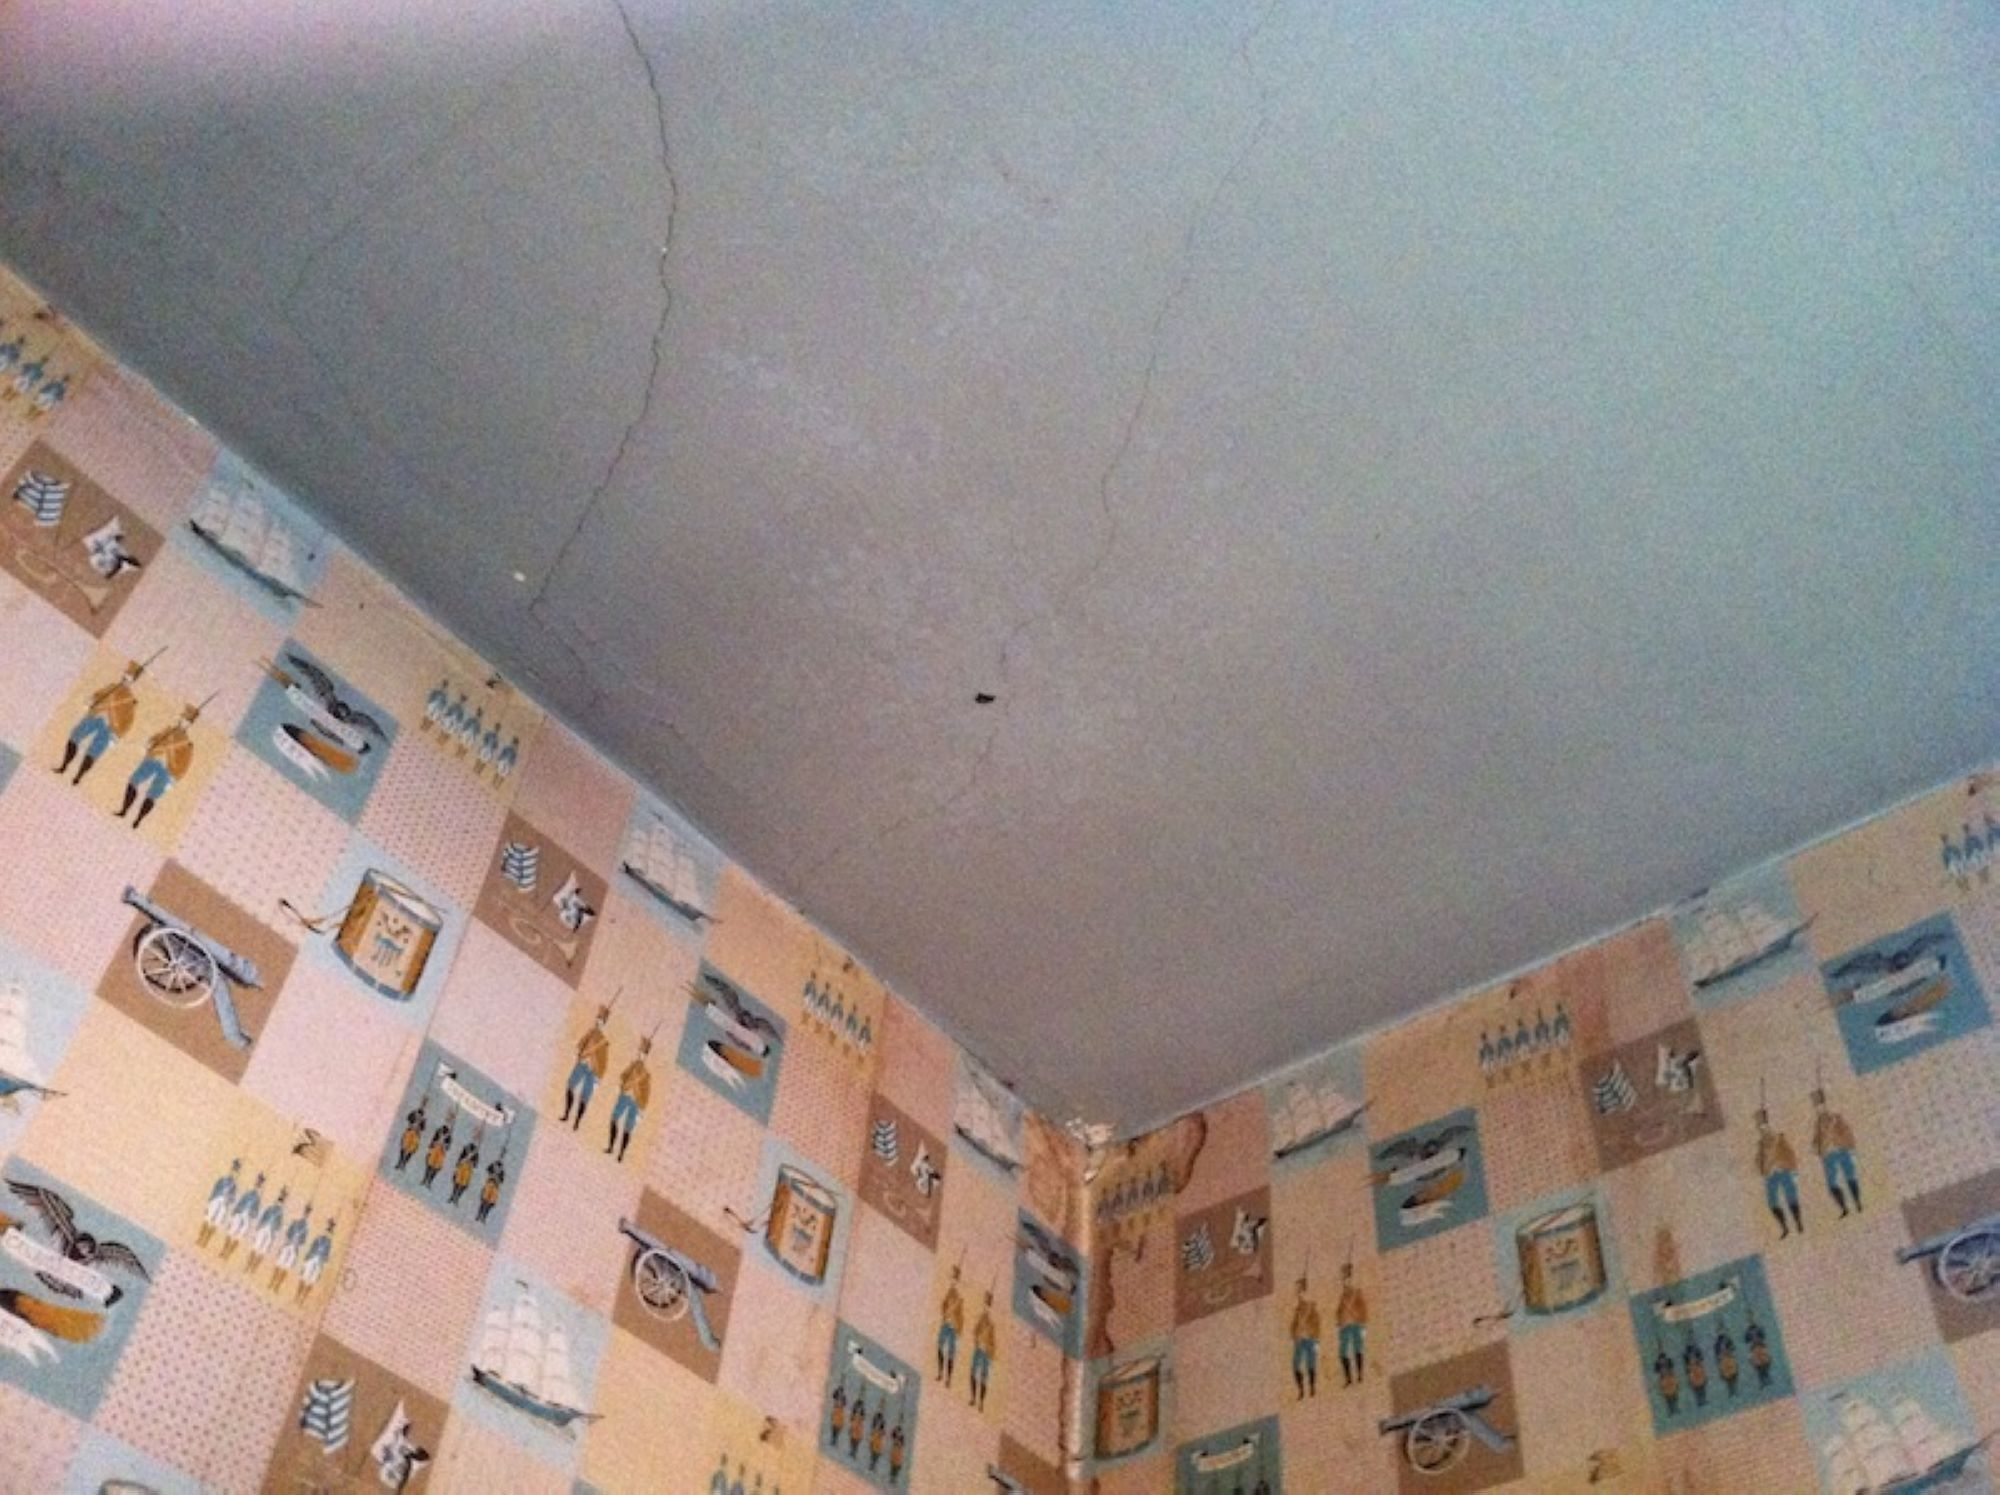 02-Fruit-Roll-Up-Ceiling_1.jpg